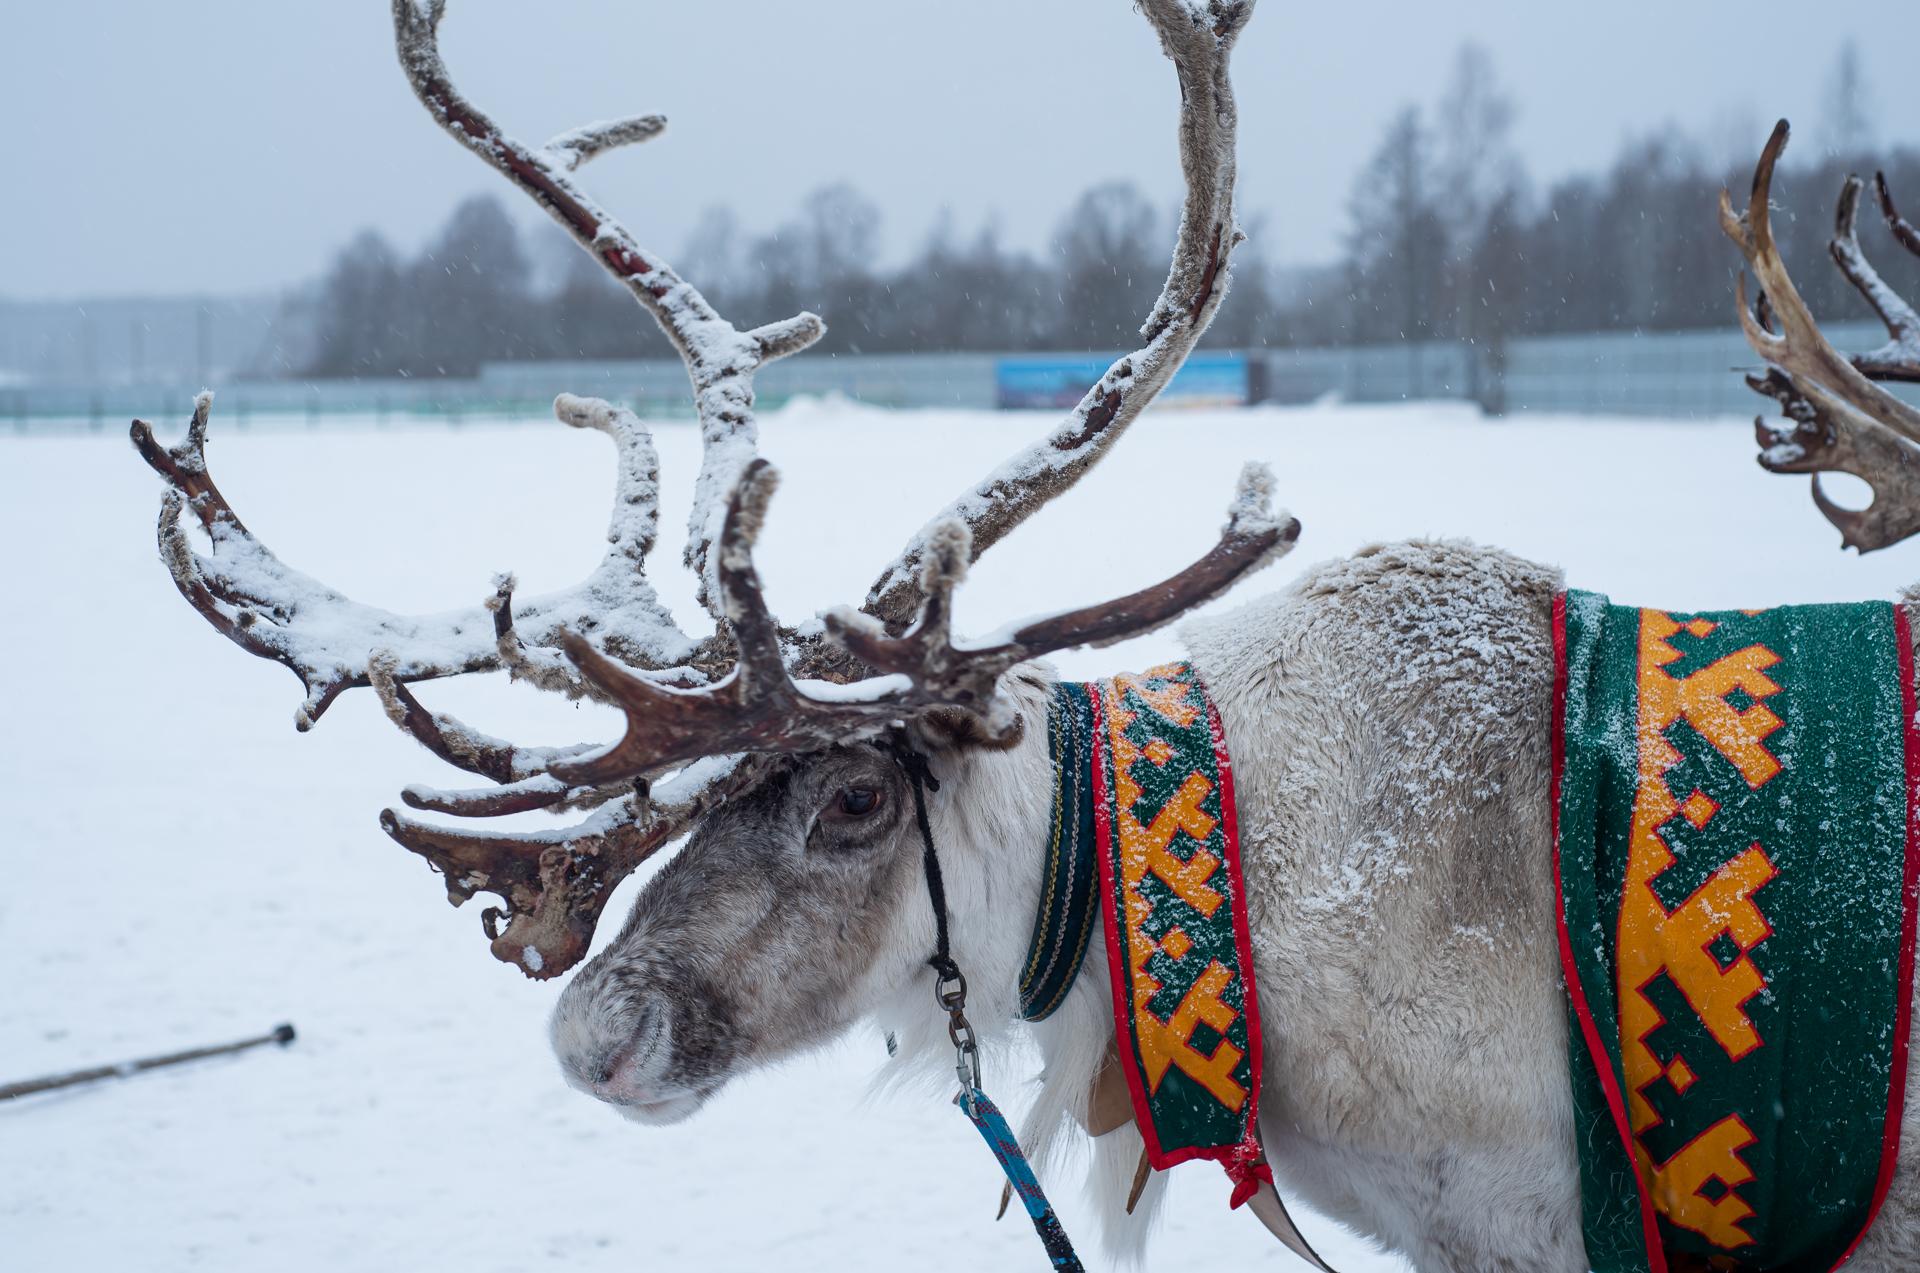 Ферма «Северный олень» в деревне Анциферово, Подкаст, Выпуск 21